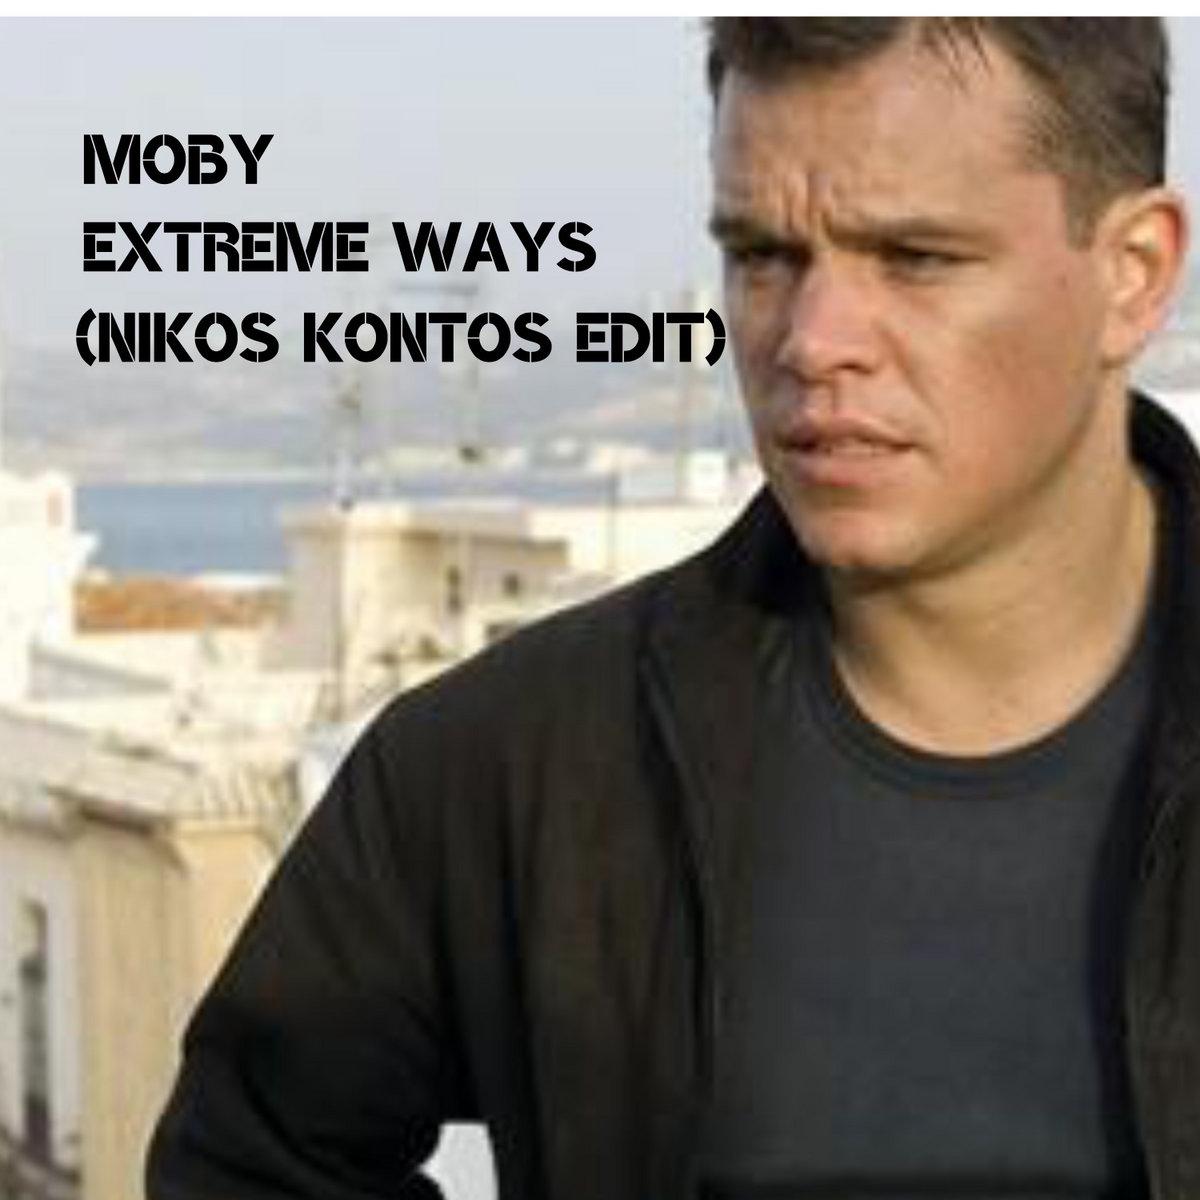 Moby extreme ways mp3 скачать бесплатно